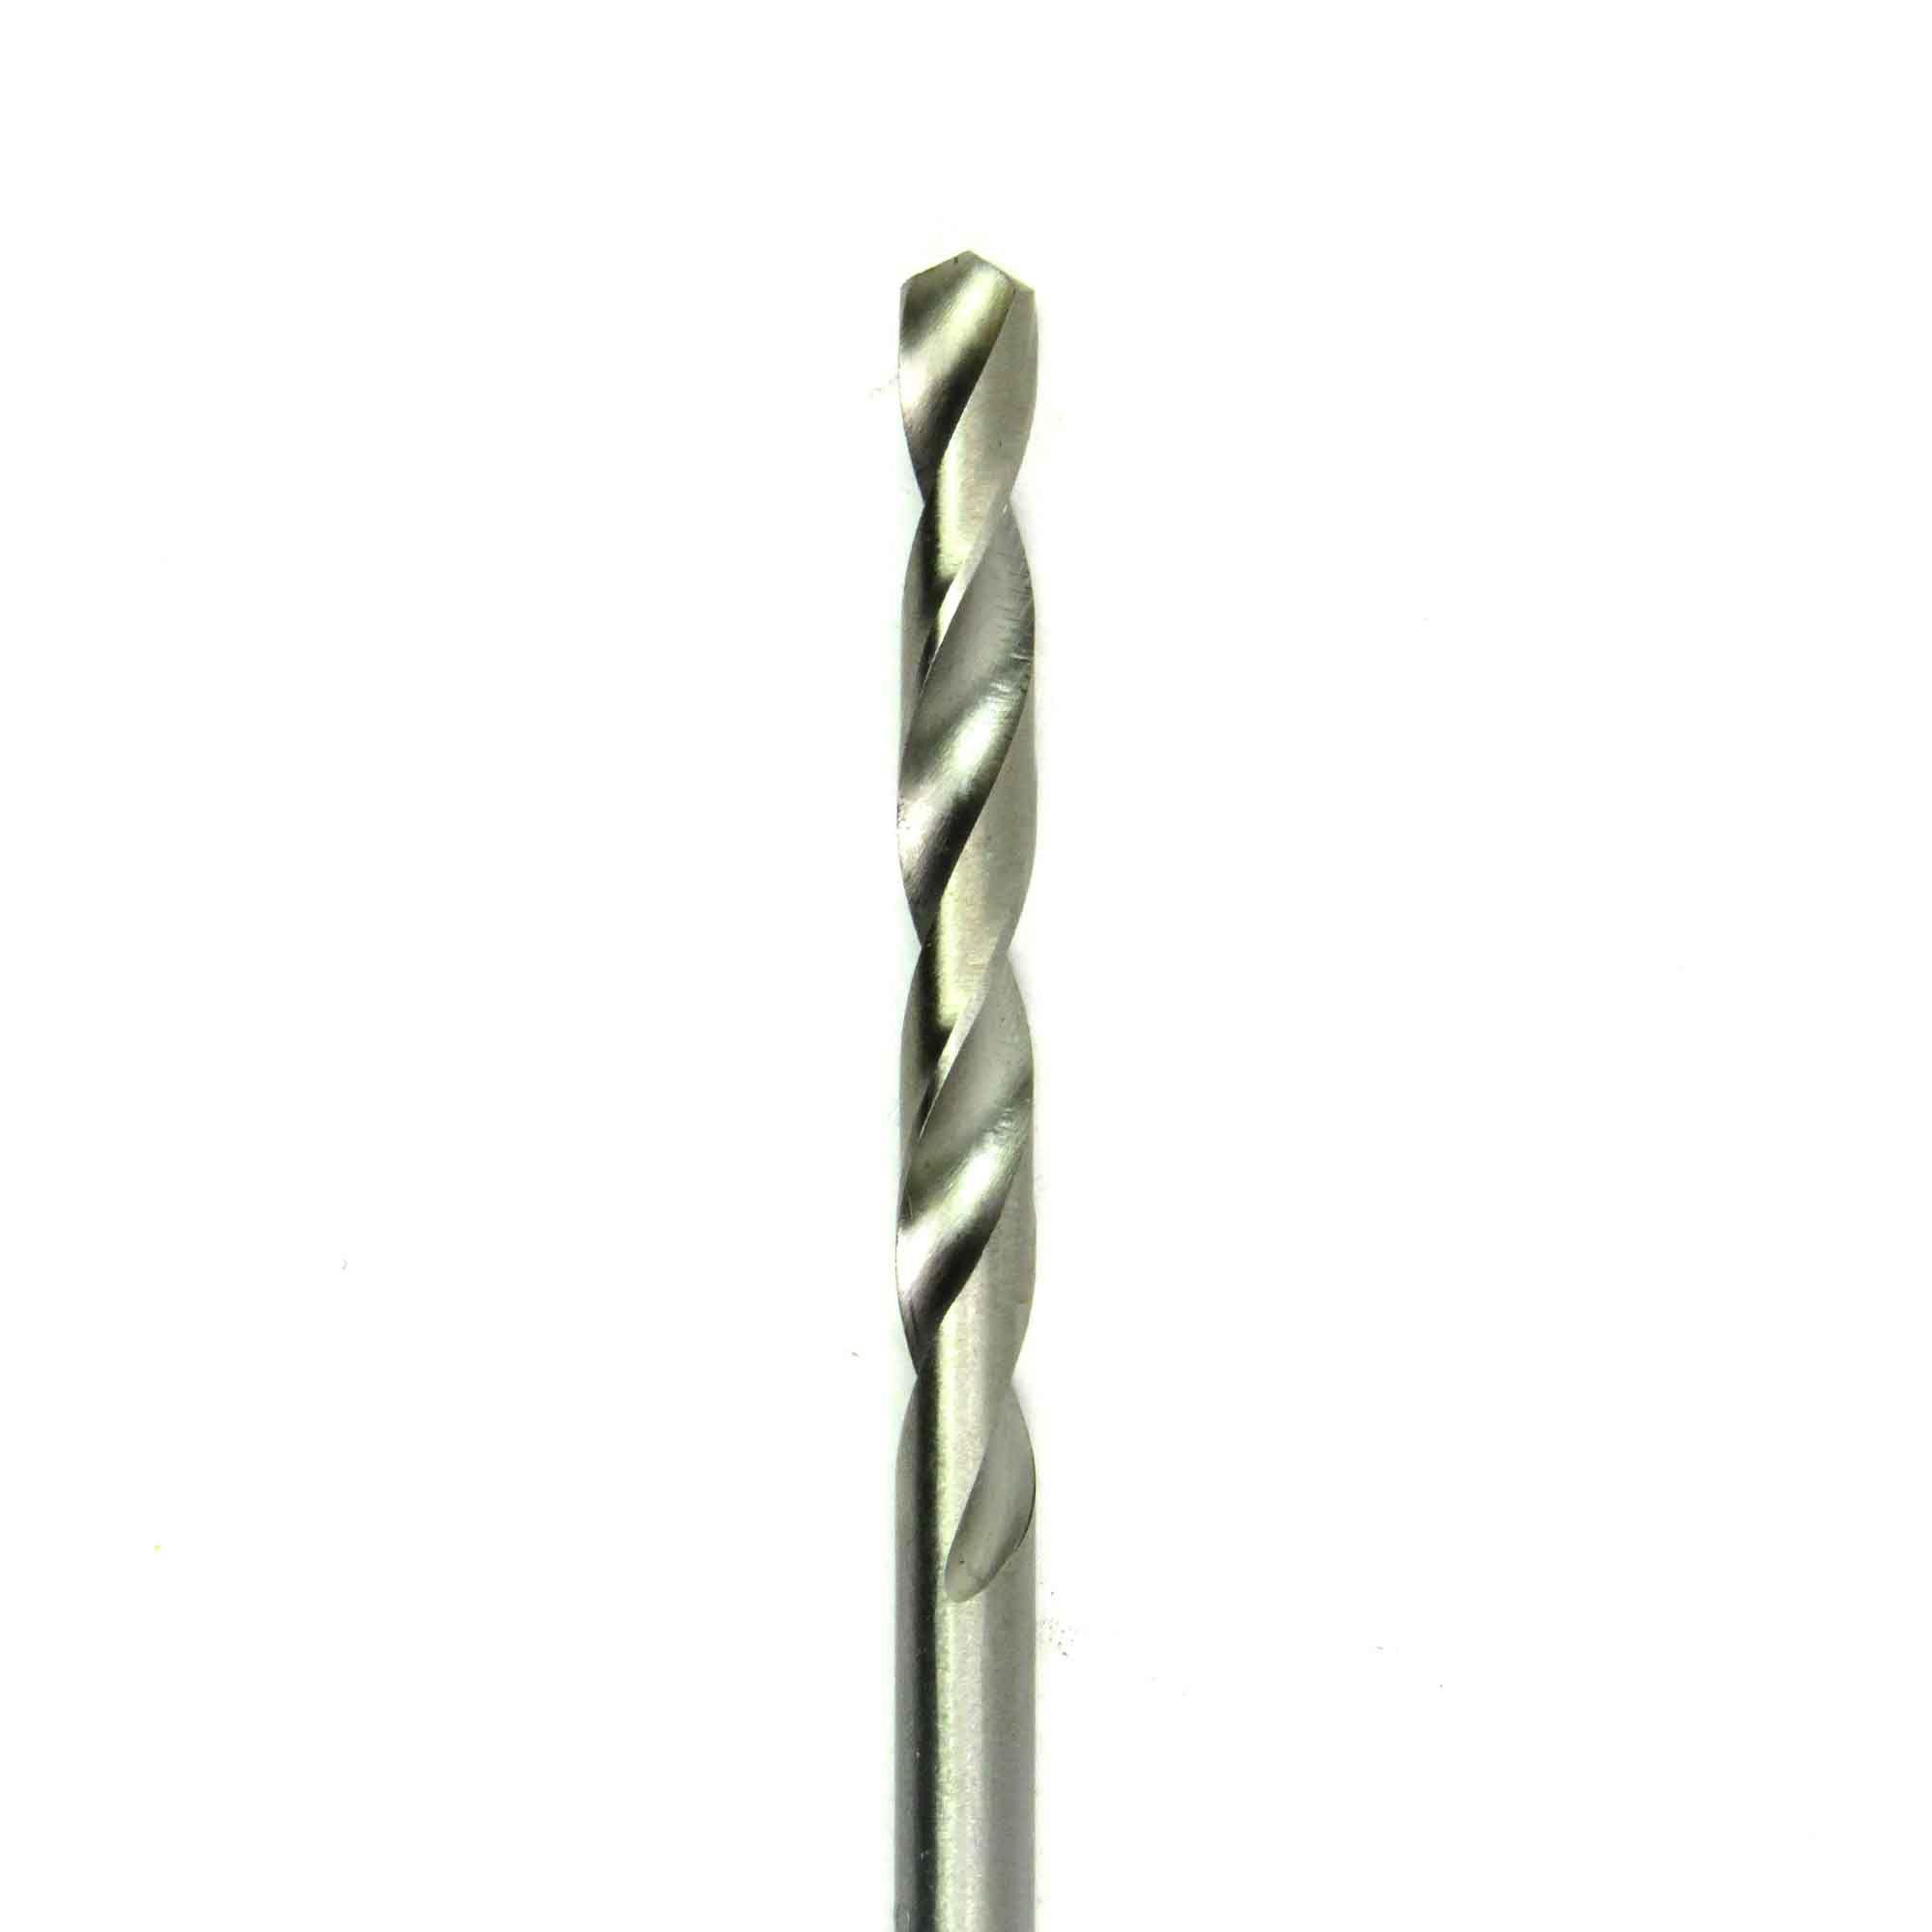 Broca Aço Rápido 6.0mm Carneiro